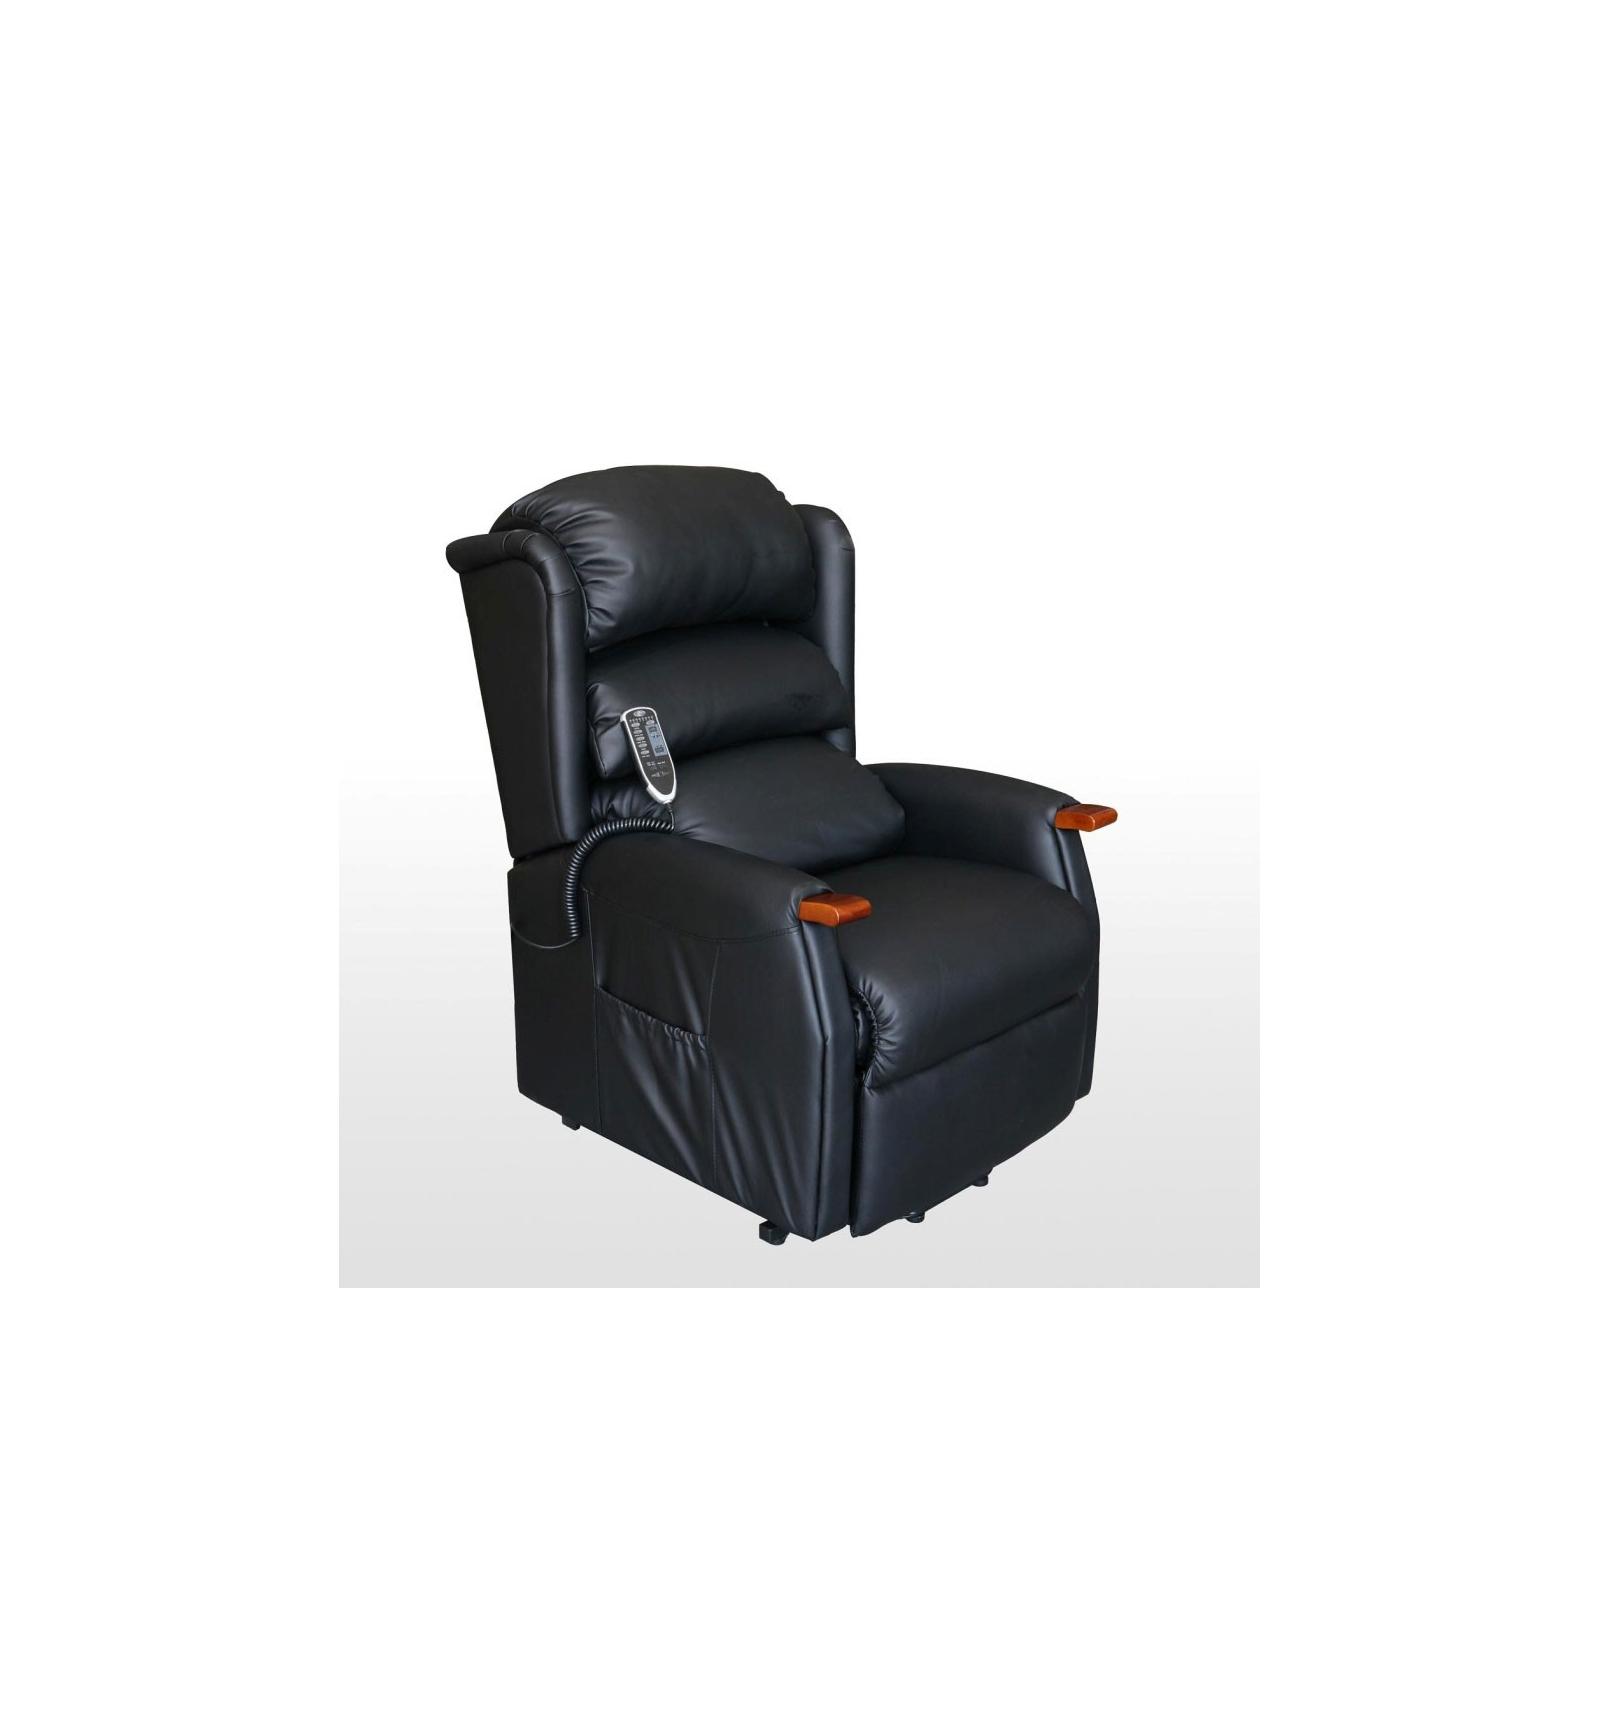 massagesessel mit aufstehhilfe. Black Bedroom Furniture Sets. Home Design Ideas